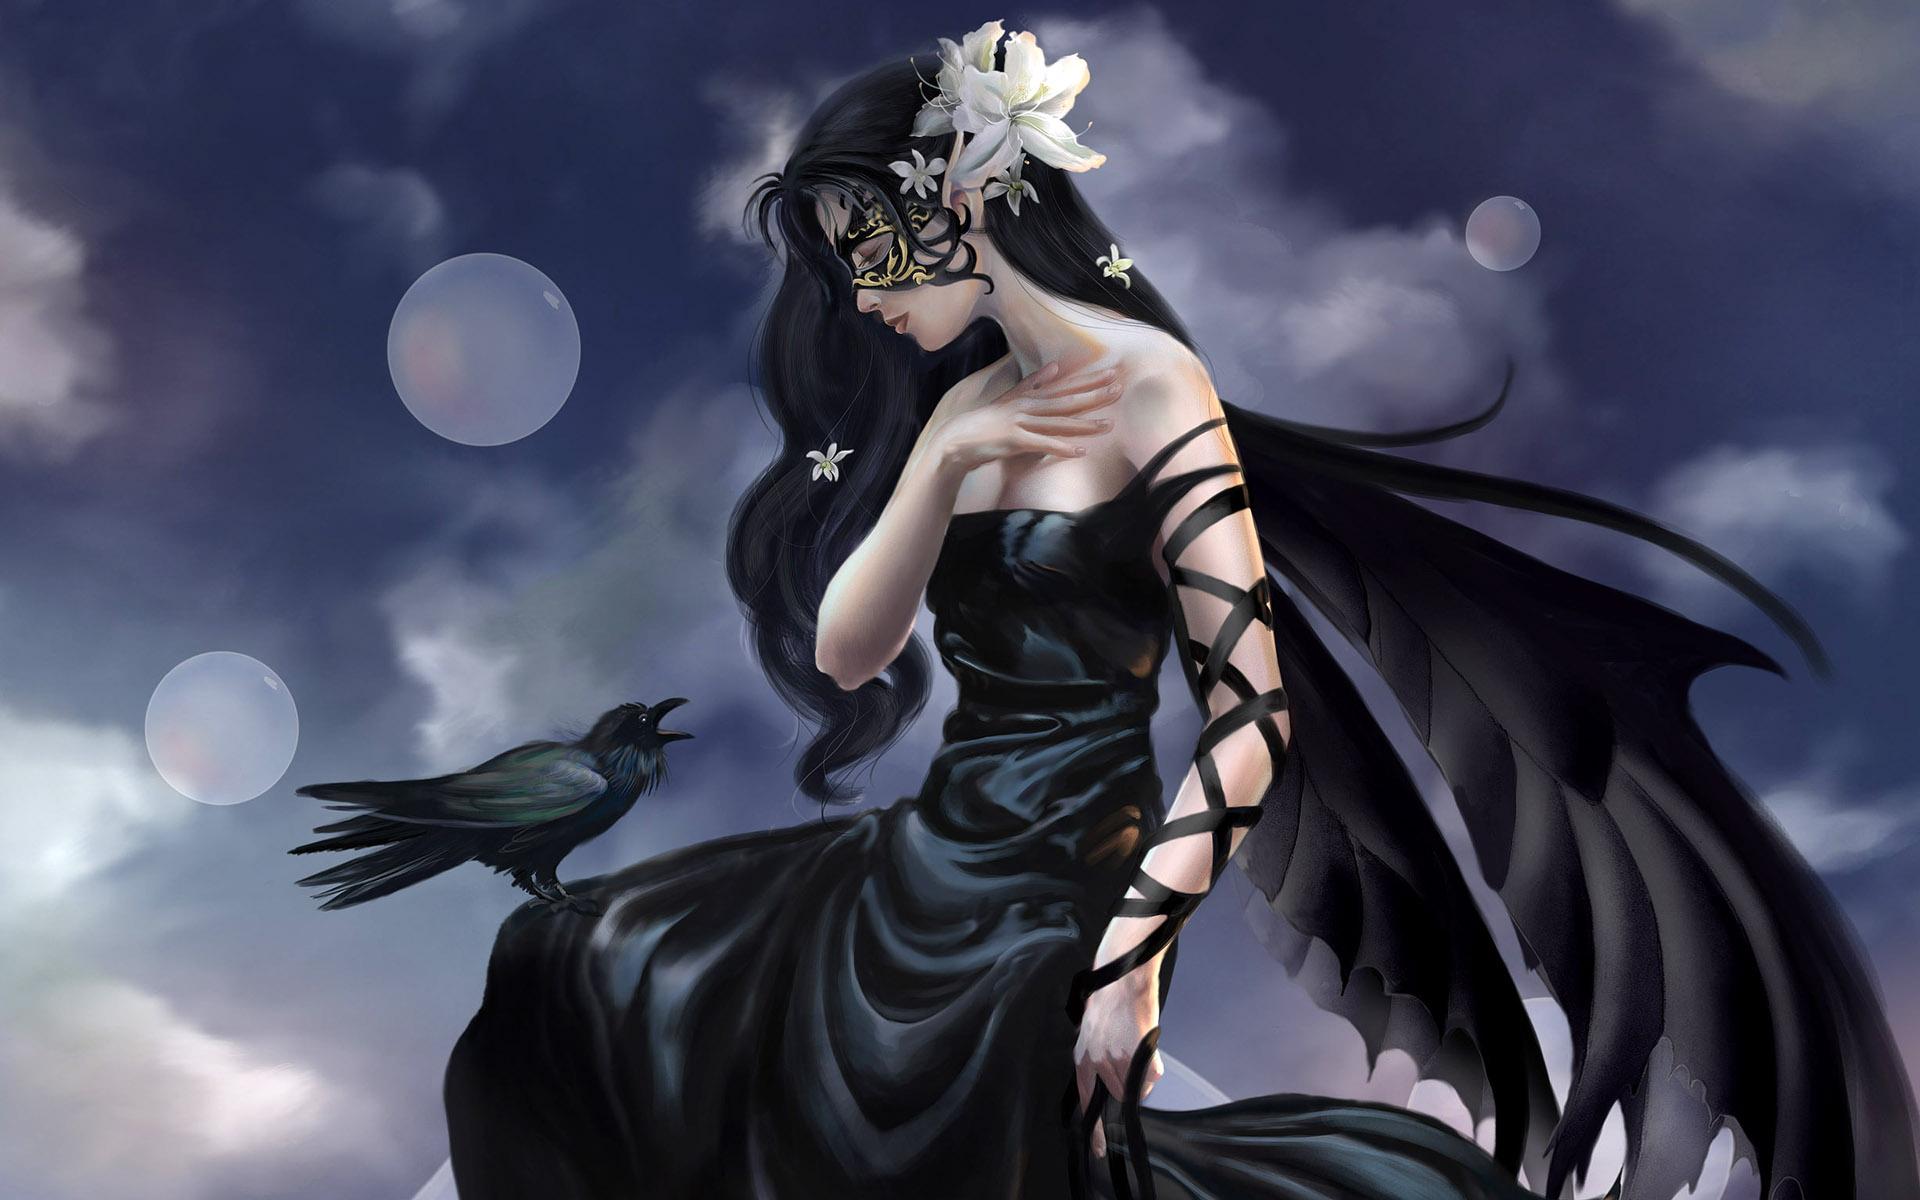 dark witch animals birds raven gothic women cg digital art wallpaper 1920x1200